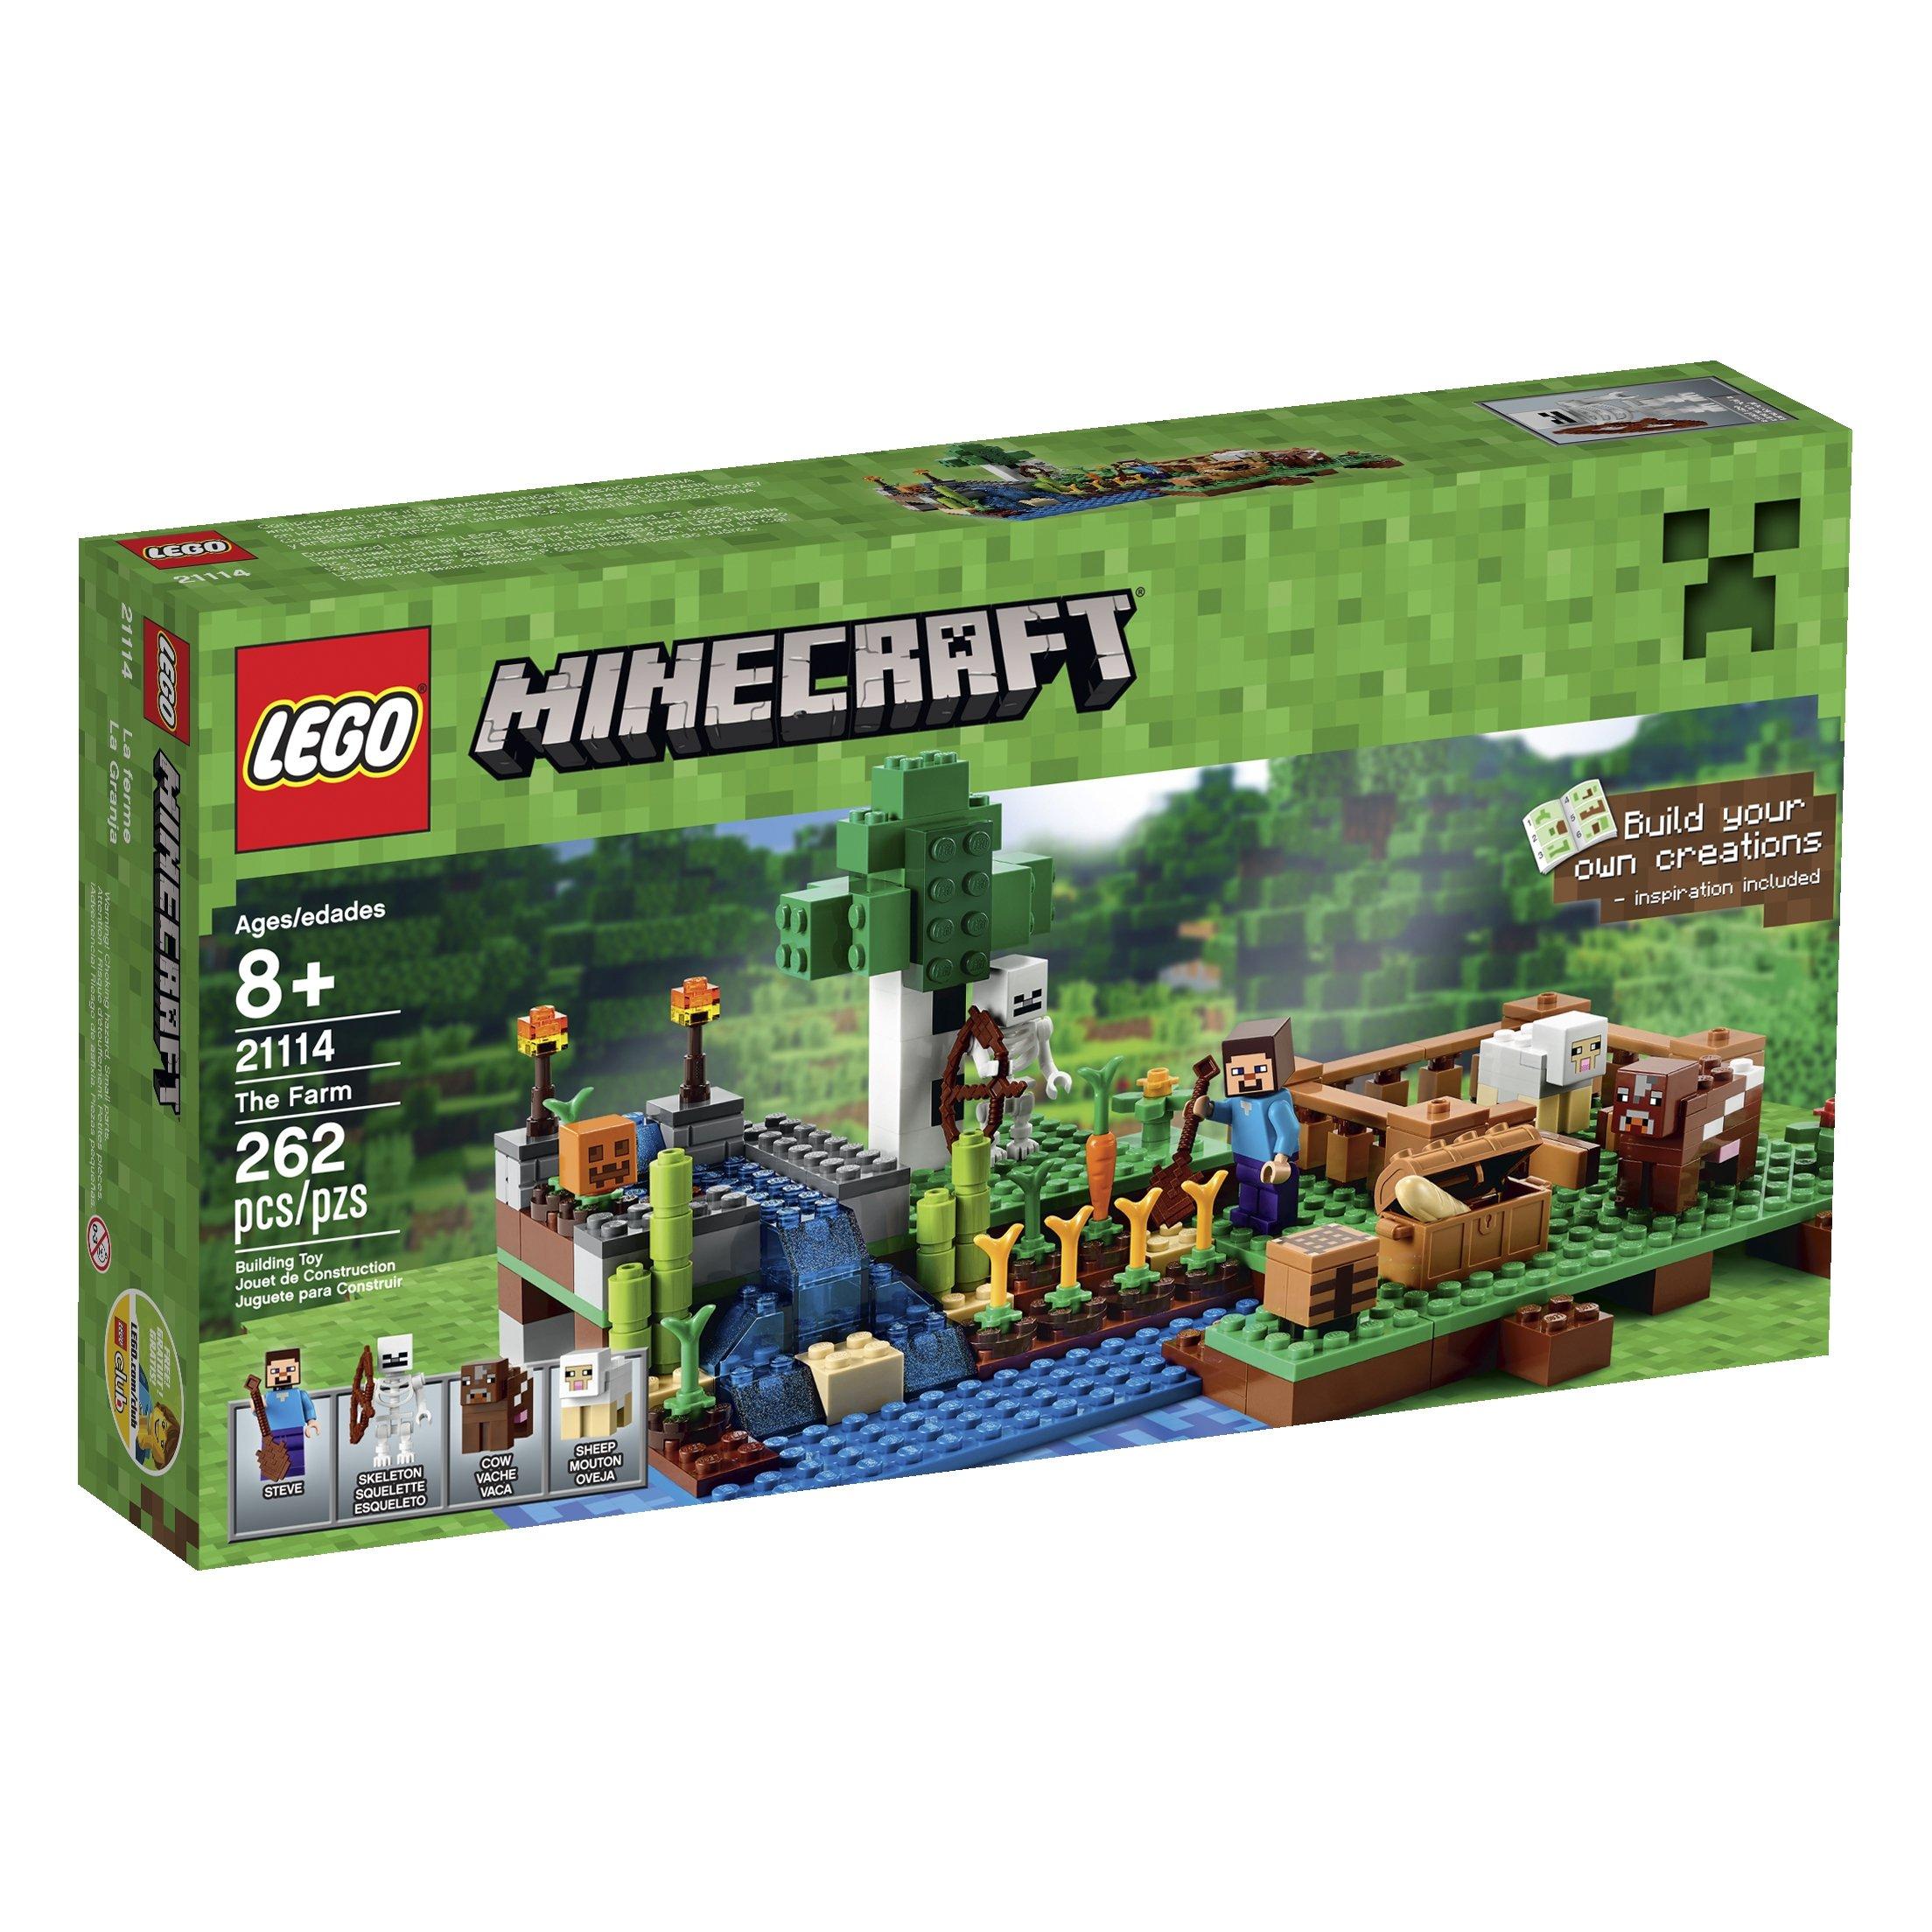 Amazon Lego Minecraft 21114 The Farm Toys Games